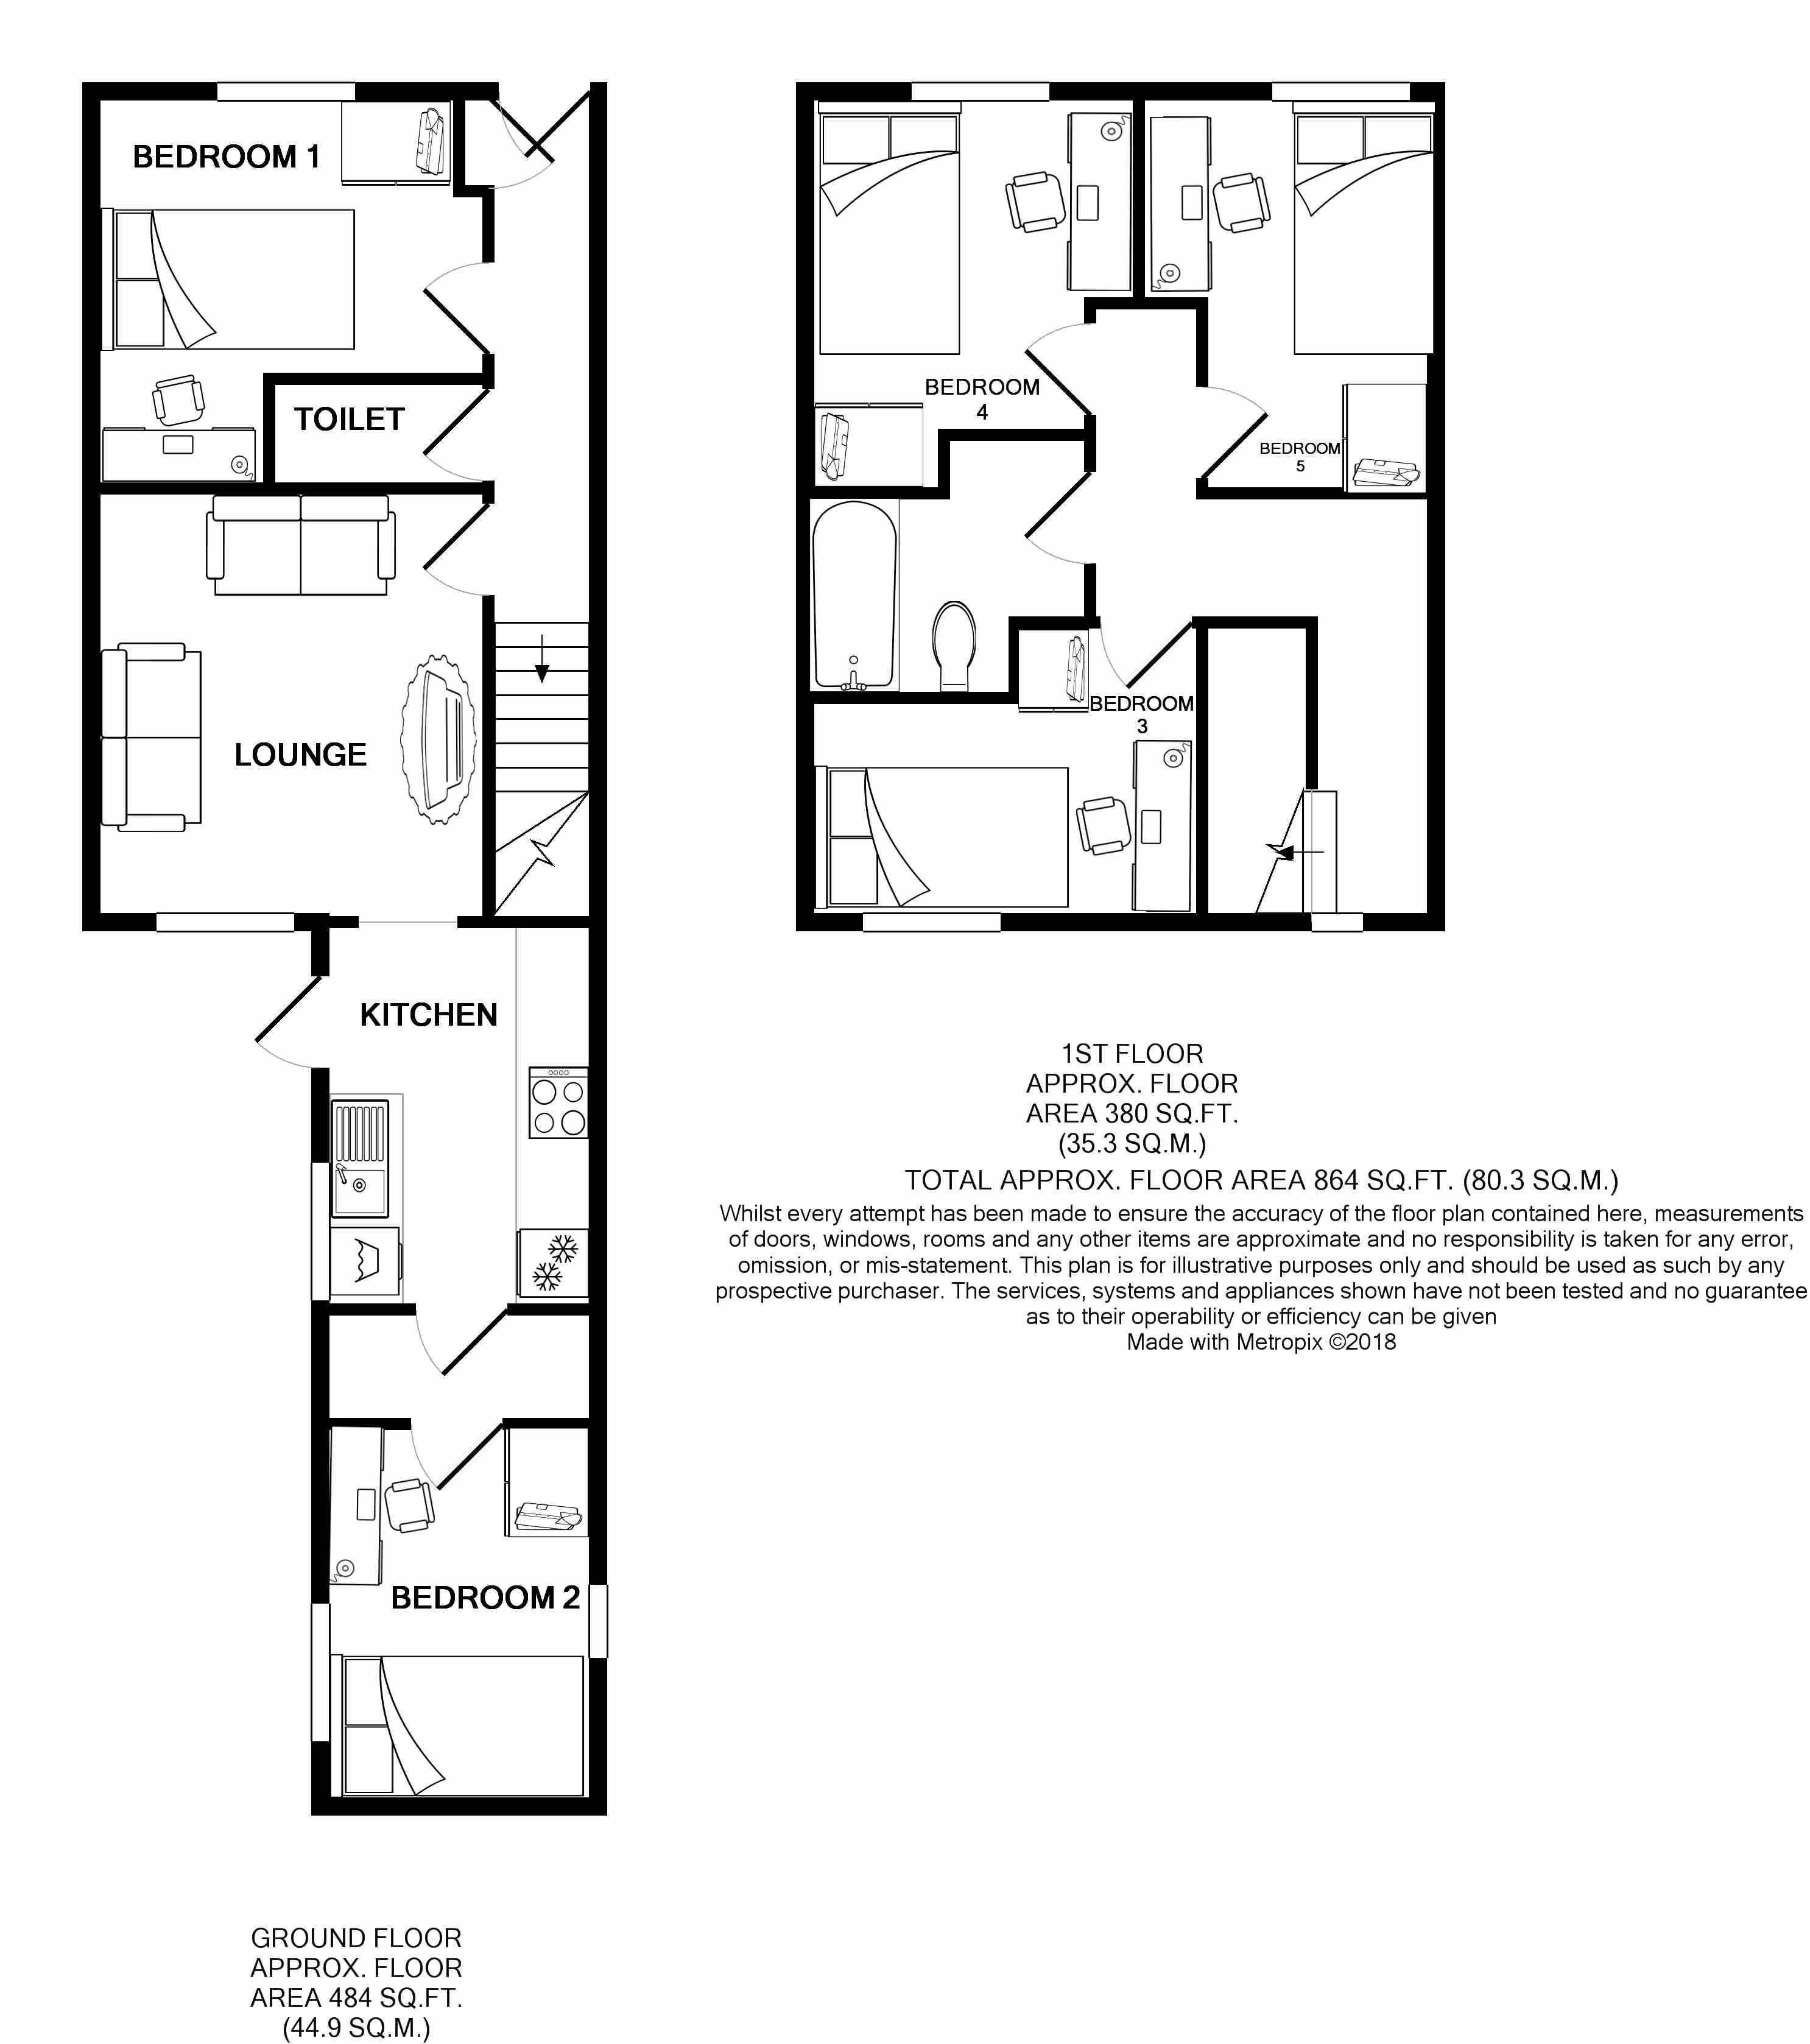 21 Queen Anne Street Floor Plan